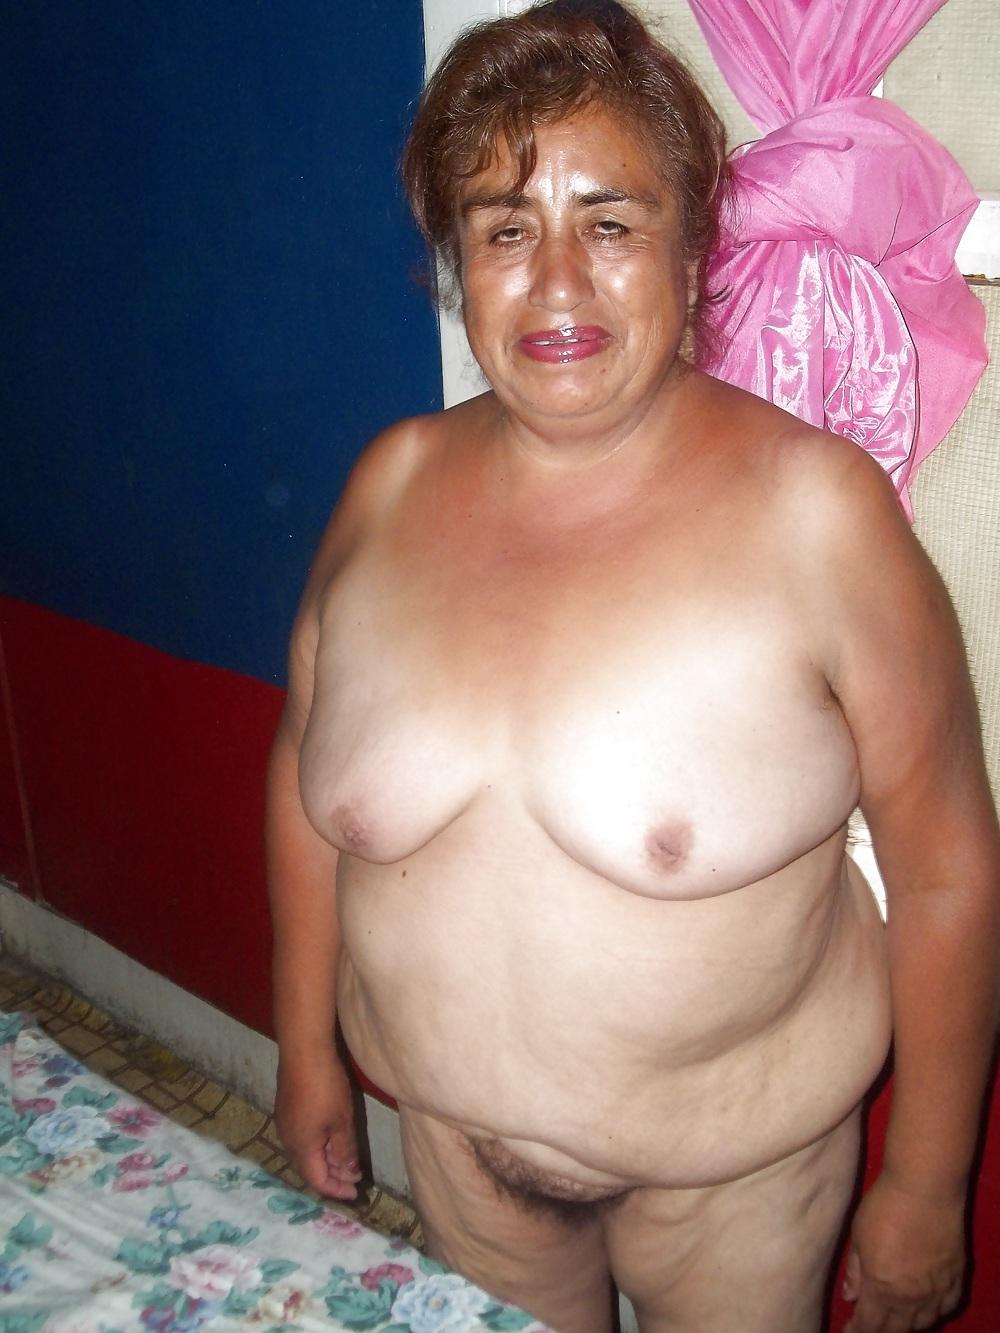 Abuela fea de buen cuerpo modela para mi - 2 part 9